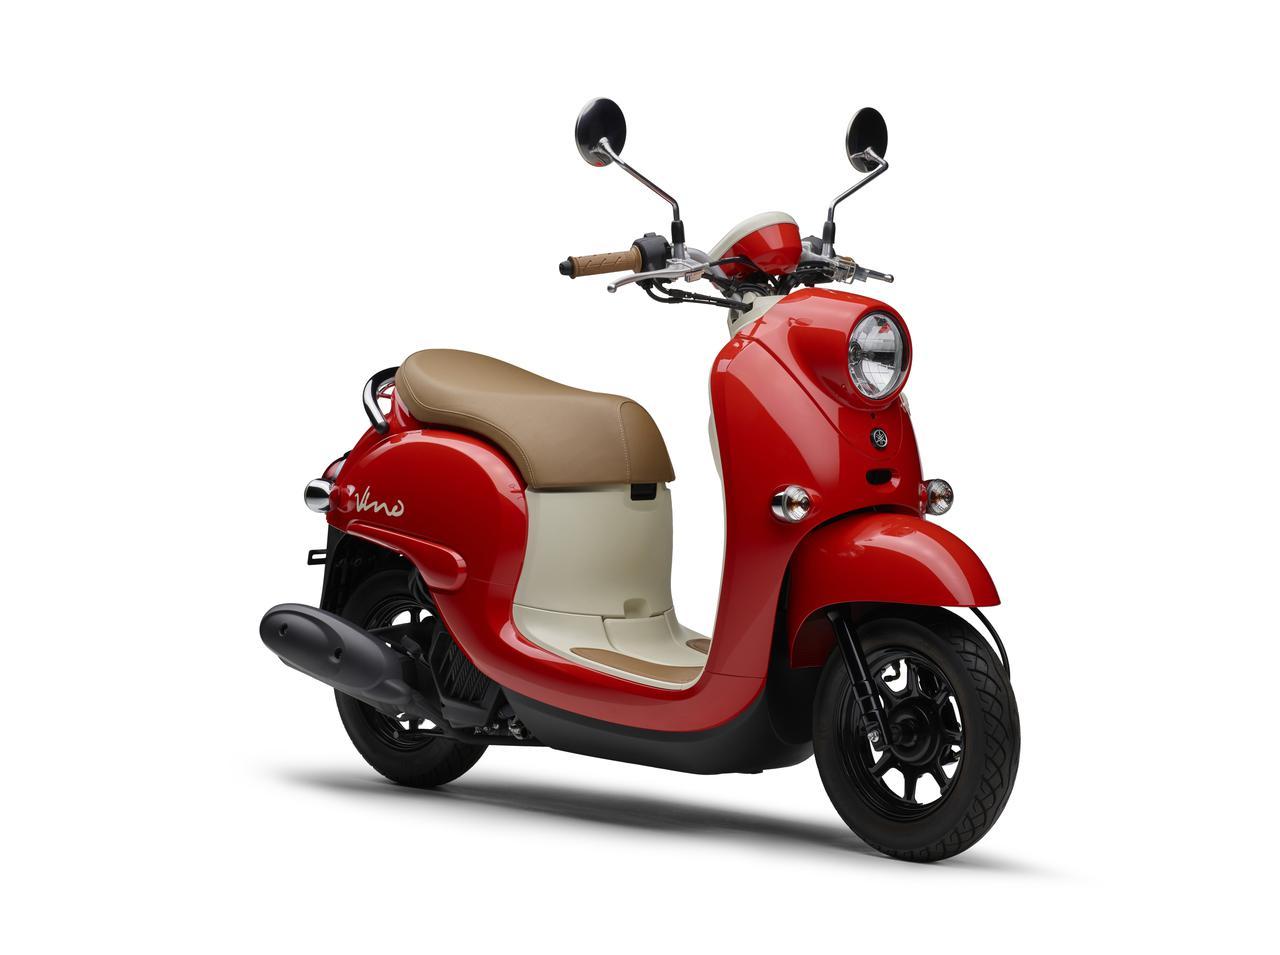 画像29: ヤマハが50ccスクーター「ビーノ」の2021年モデルを発表! ニューカラーは4色、合計6色の設定で発売